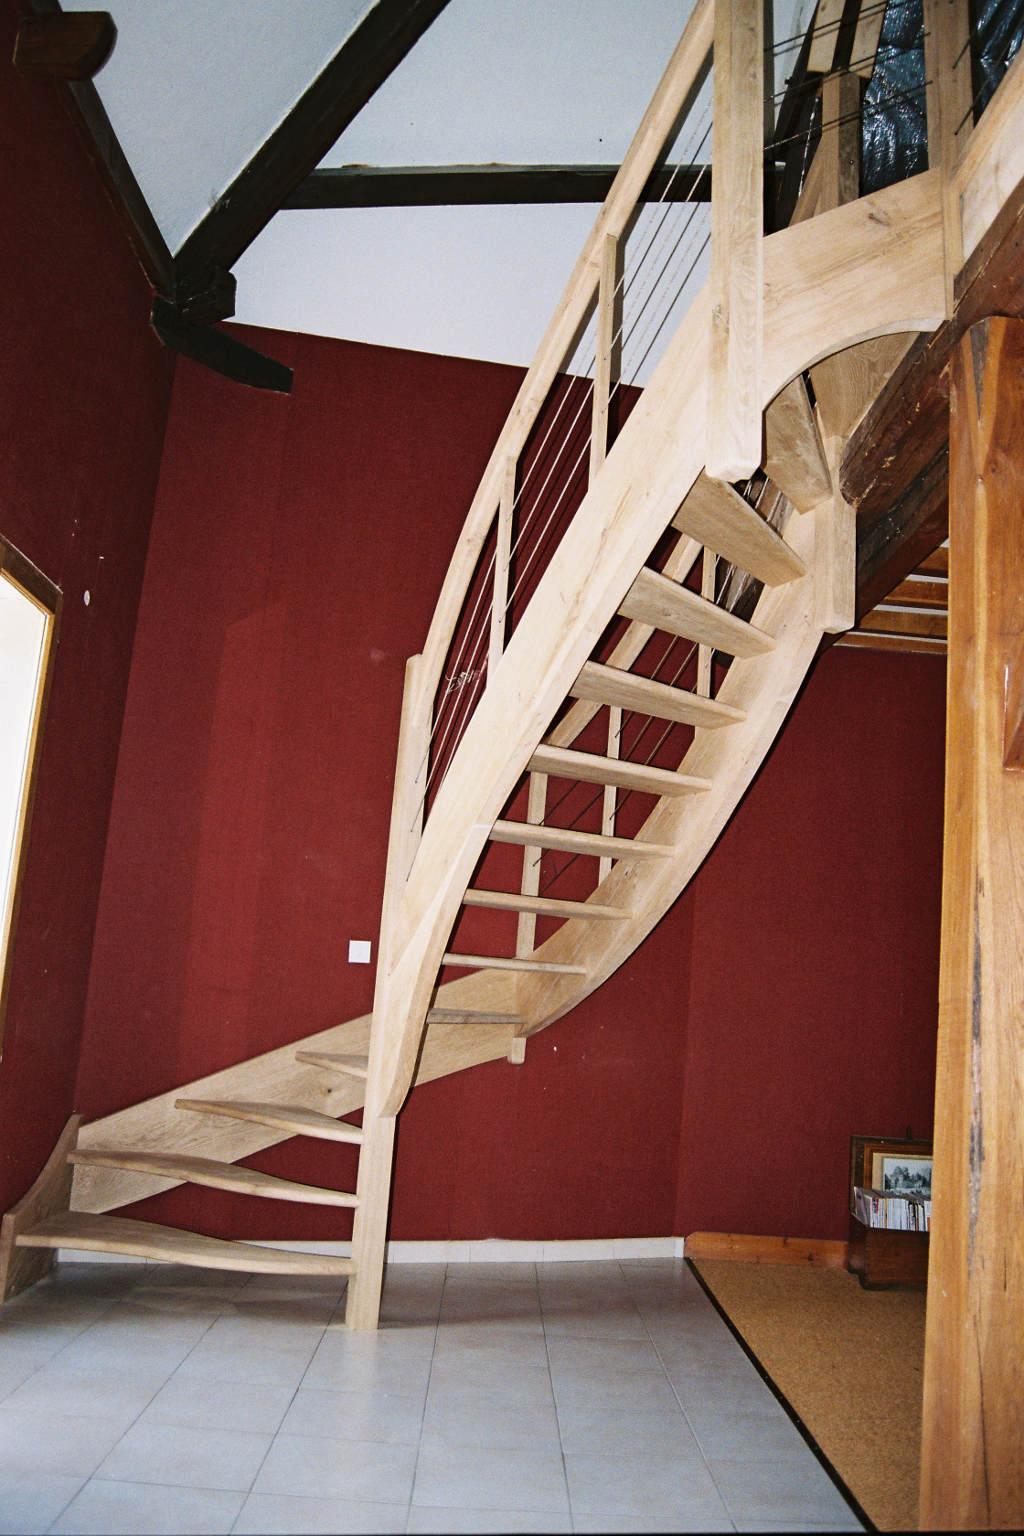 Escalier balancé sans contre-marches, main courante chênes et câbles inox.